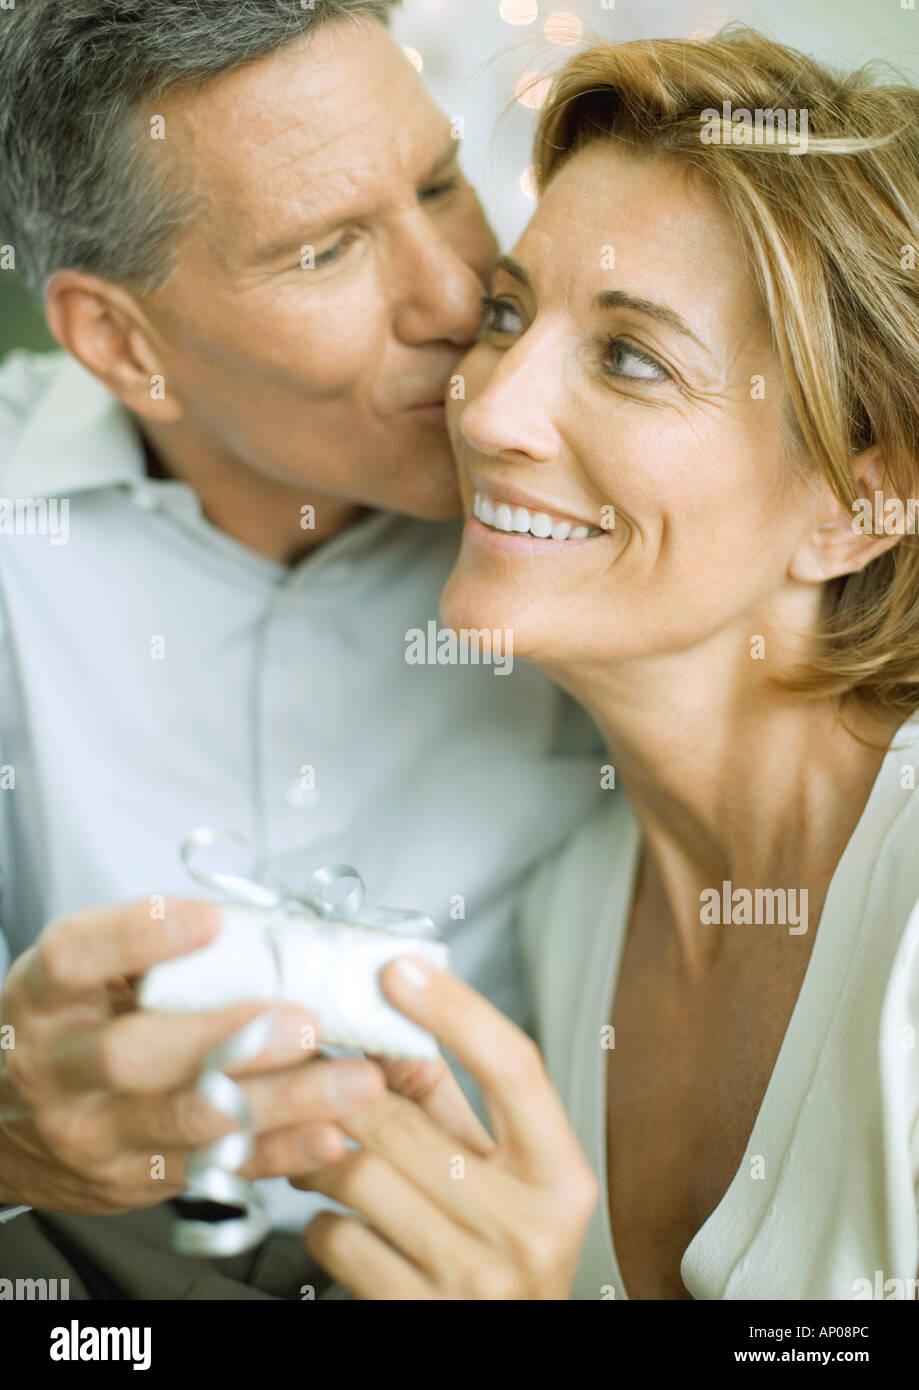 Austausch von Weihnachtsgeschenk paar, Mann küssen Frau auf Wange ...